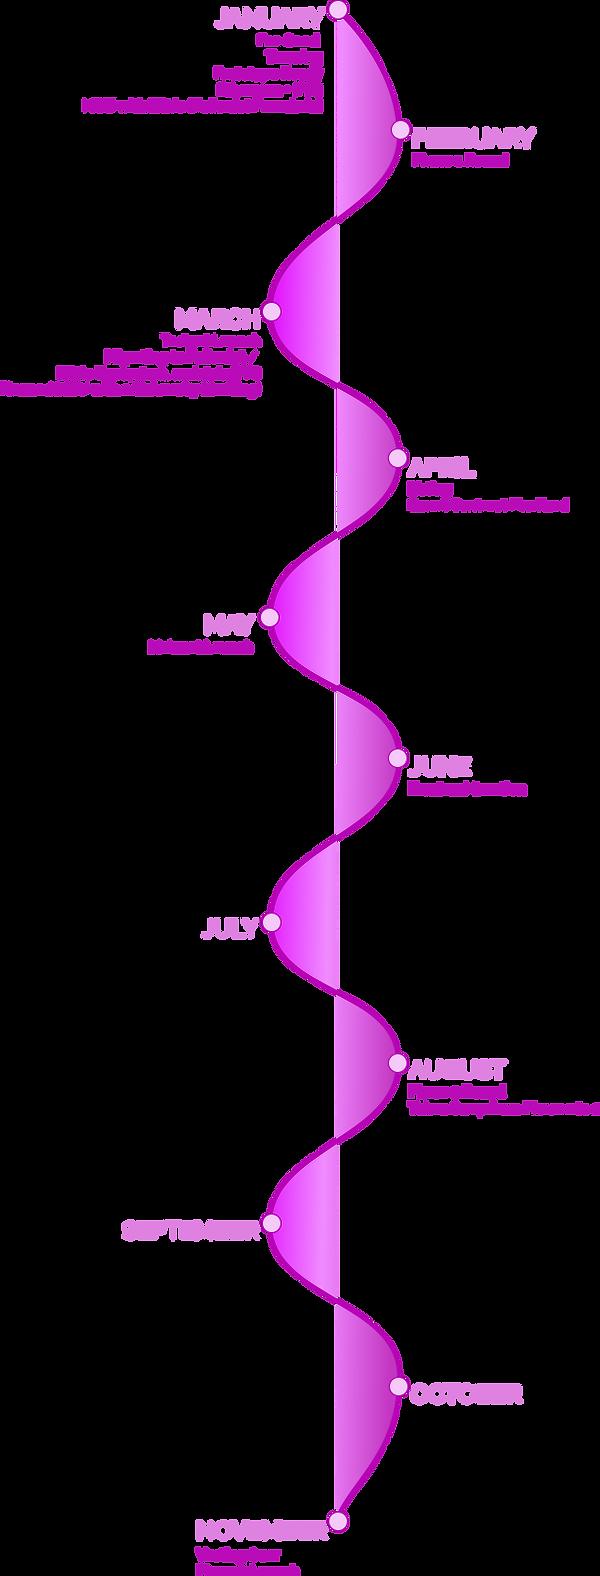 DeBio Roadmap